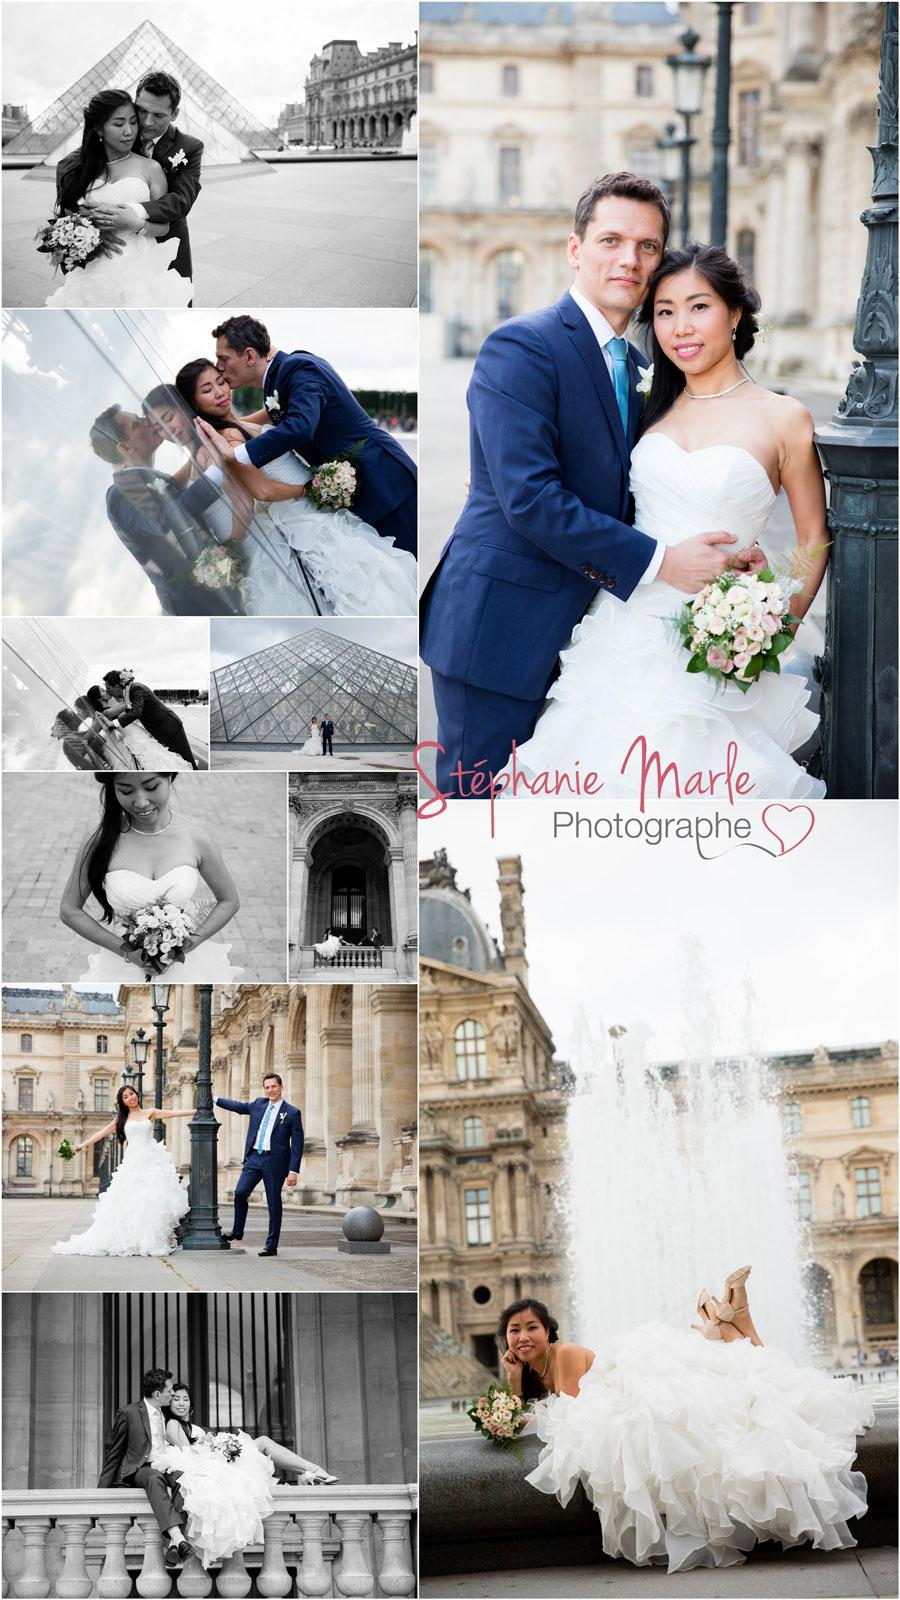 photographe.louvre.paris.couple.amoureux